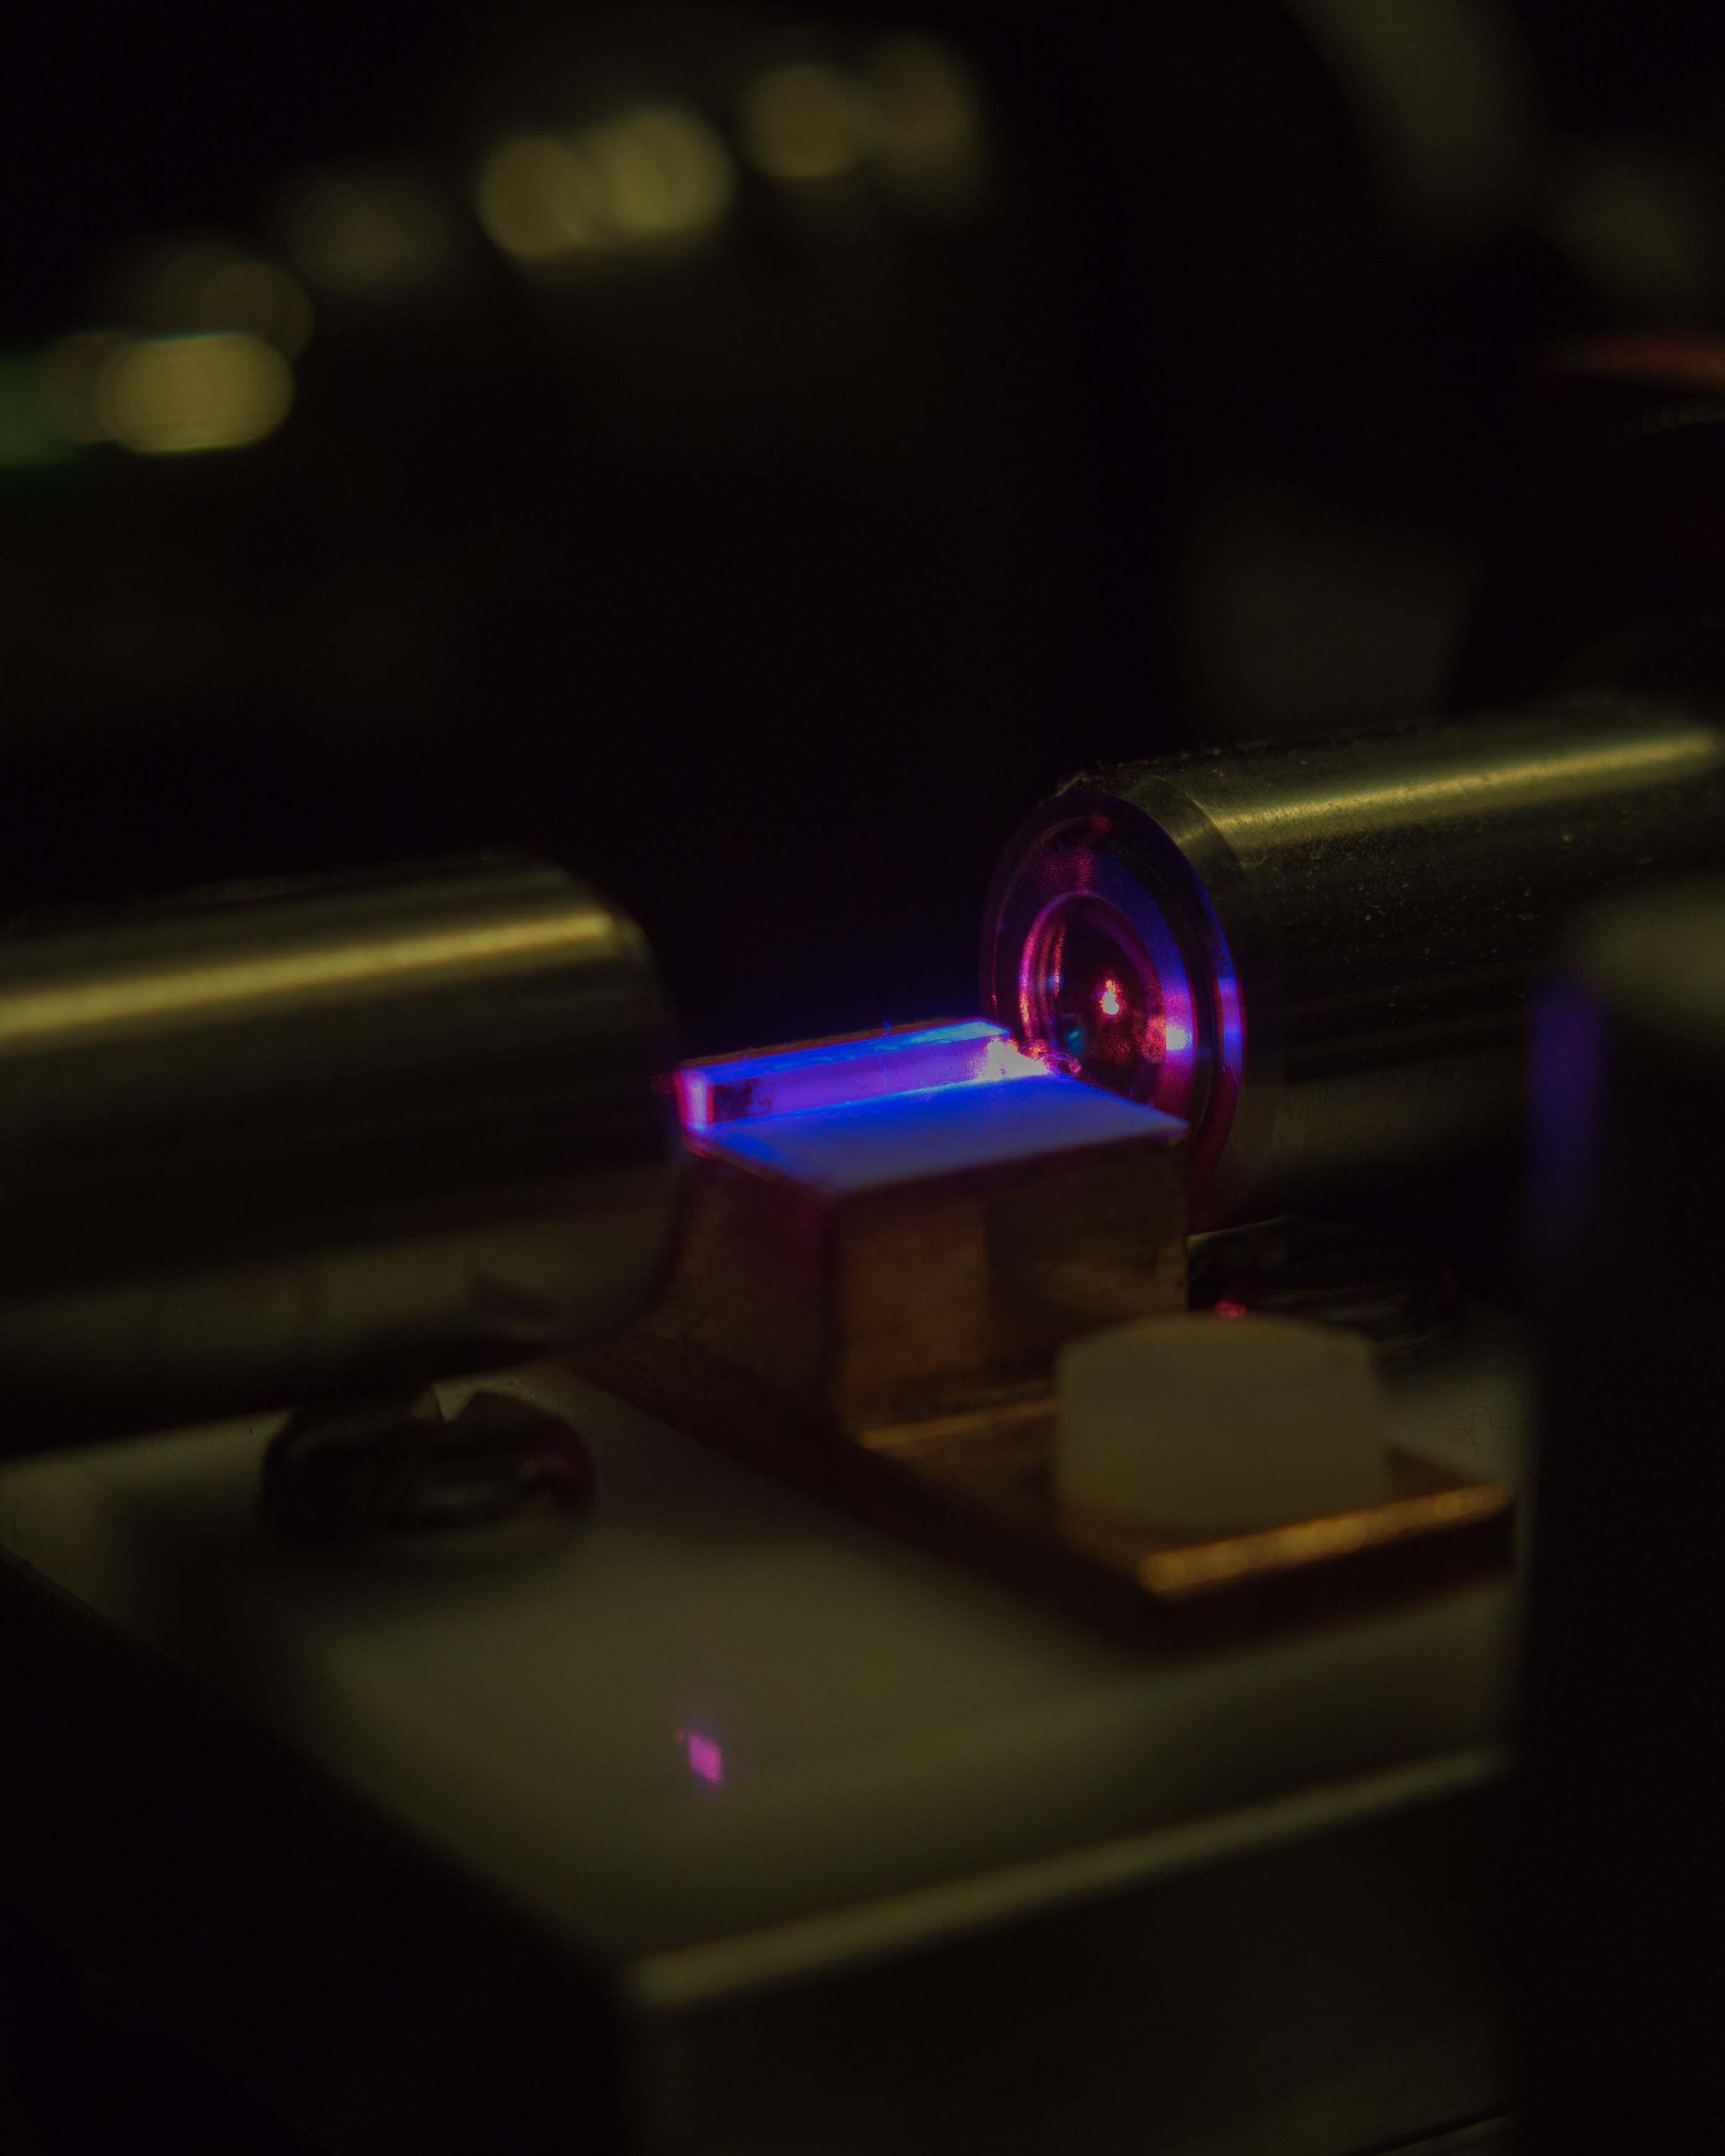 Quantum Studio Lighting: NQIT Quantum Photography Competition - Round One